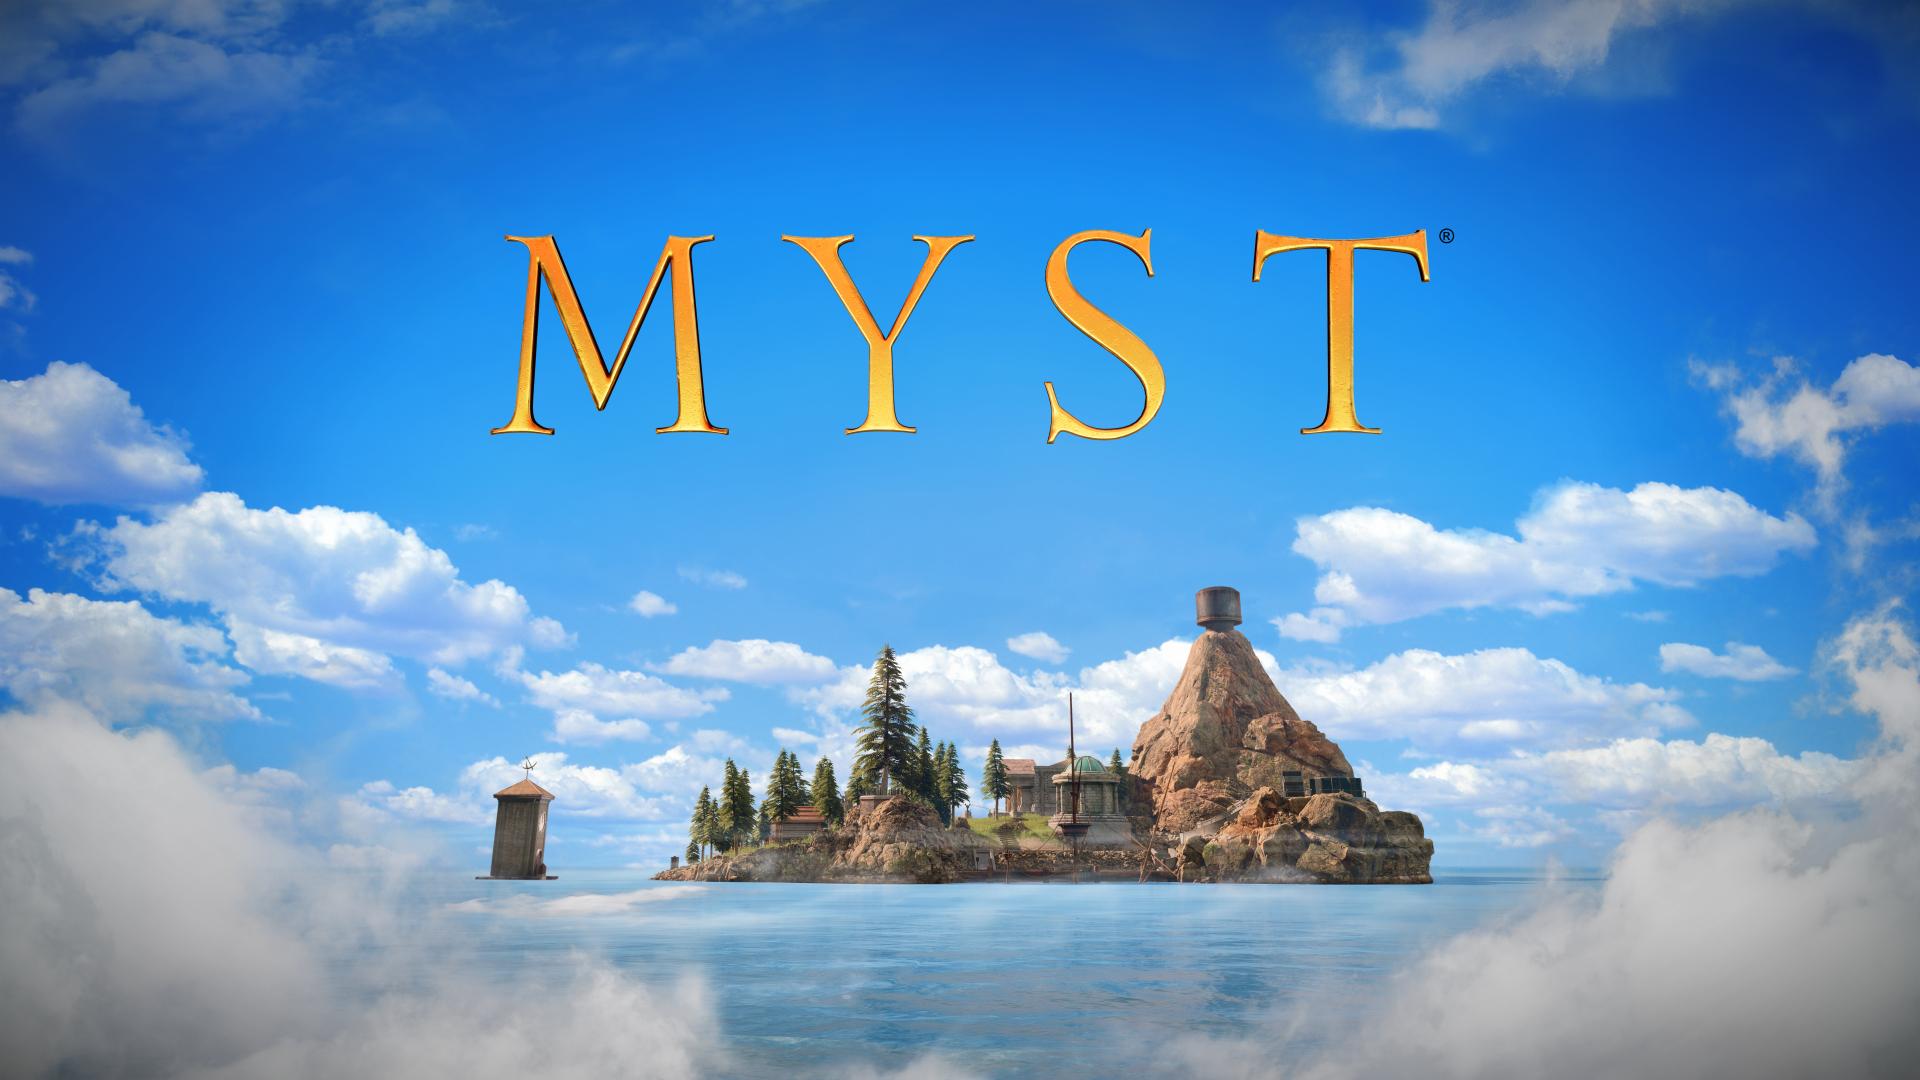 [BP/IT] 페이스북. 오큘러스로 명작 3D 퍼즐 어드벤처 '미스트(MYST)' 등 출시